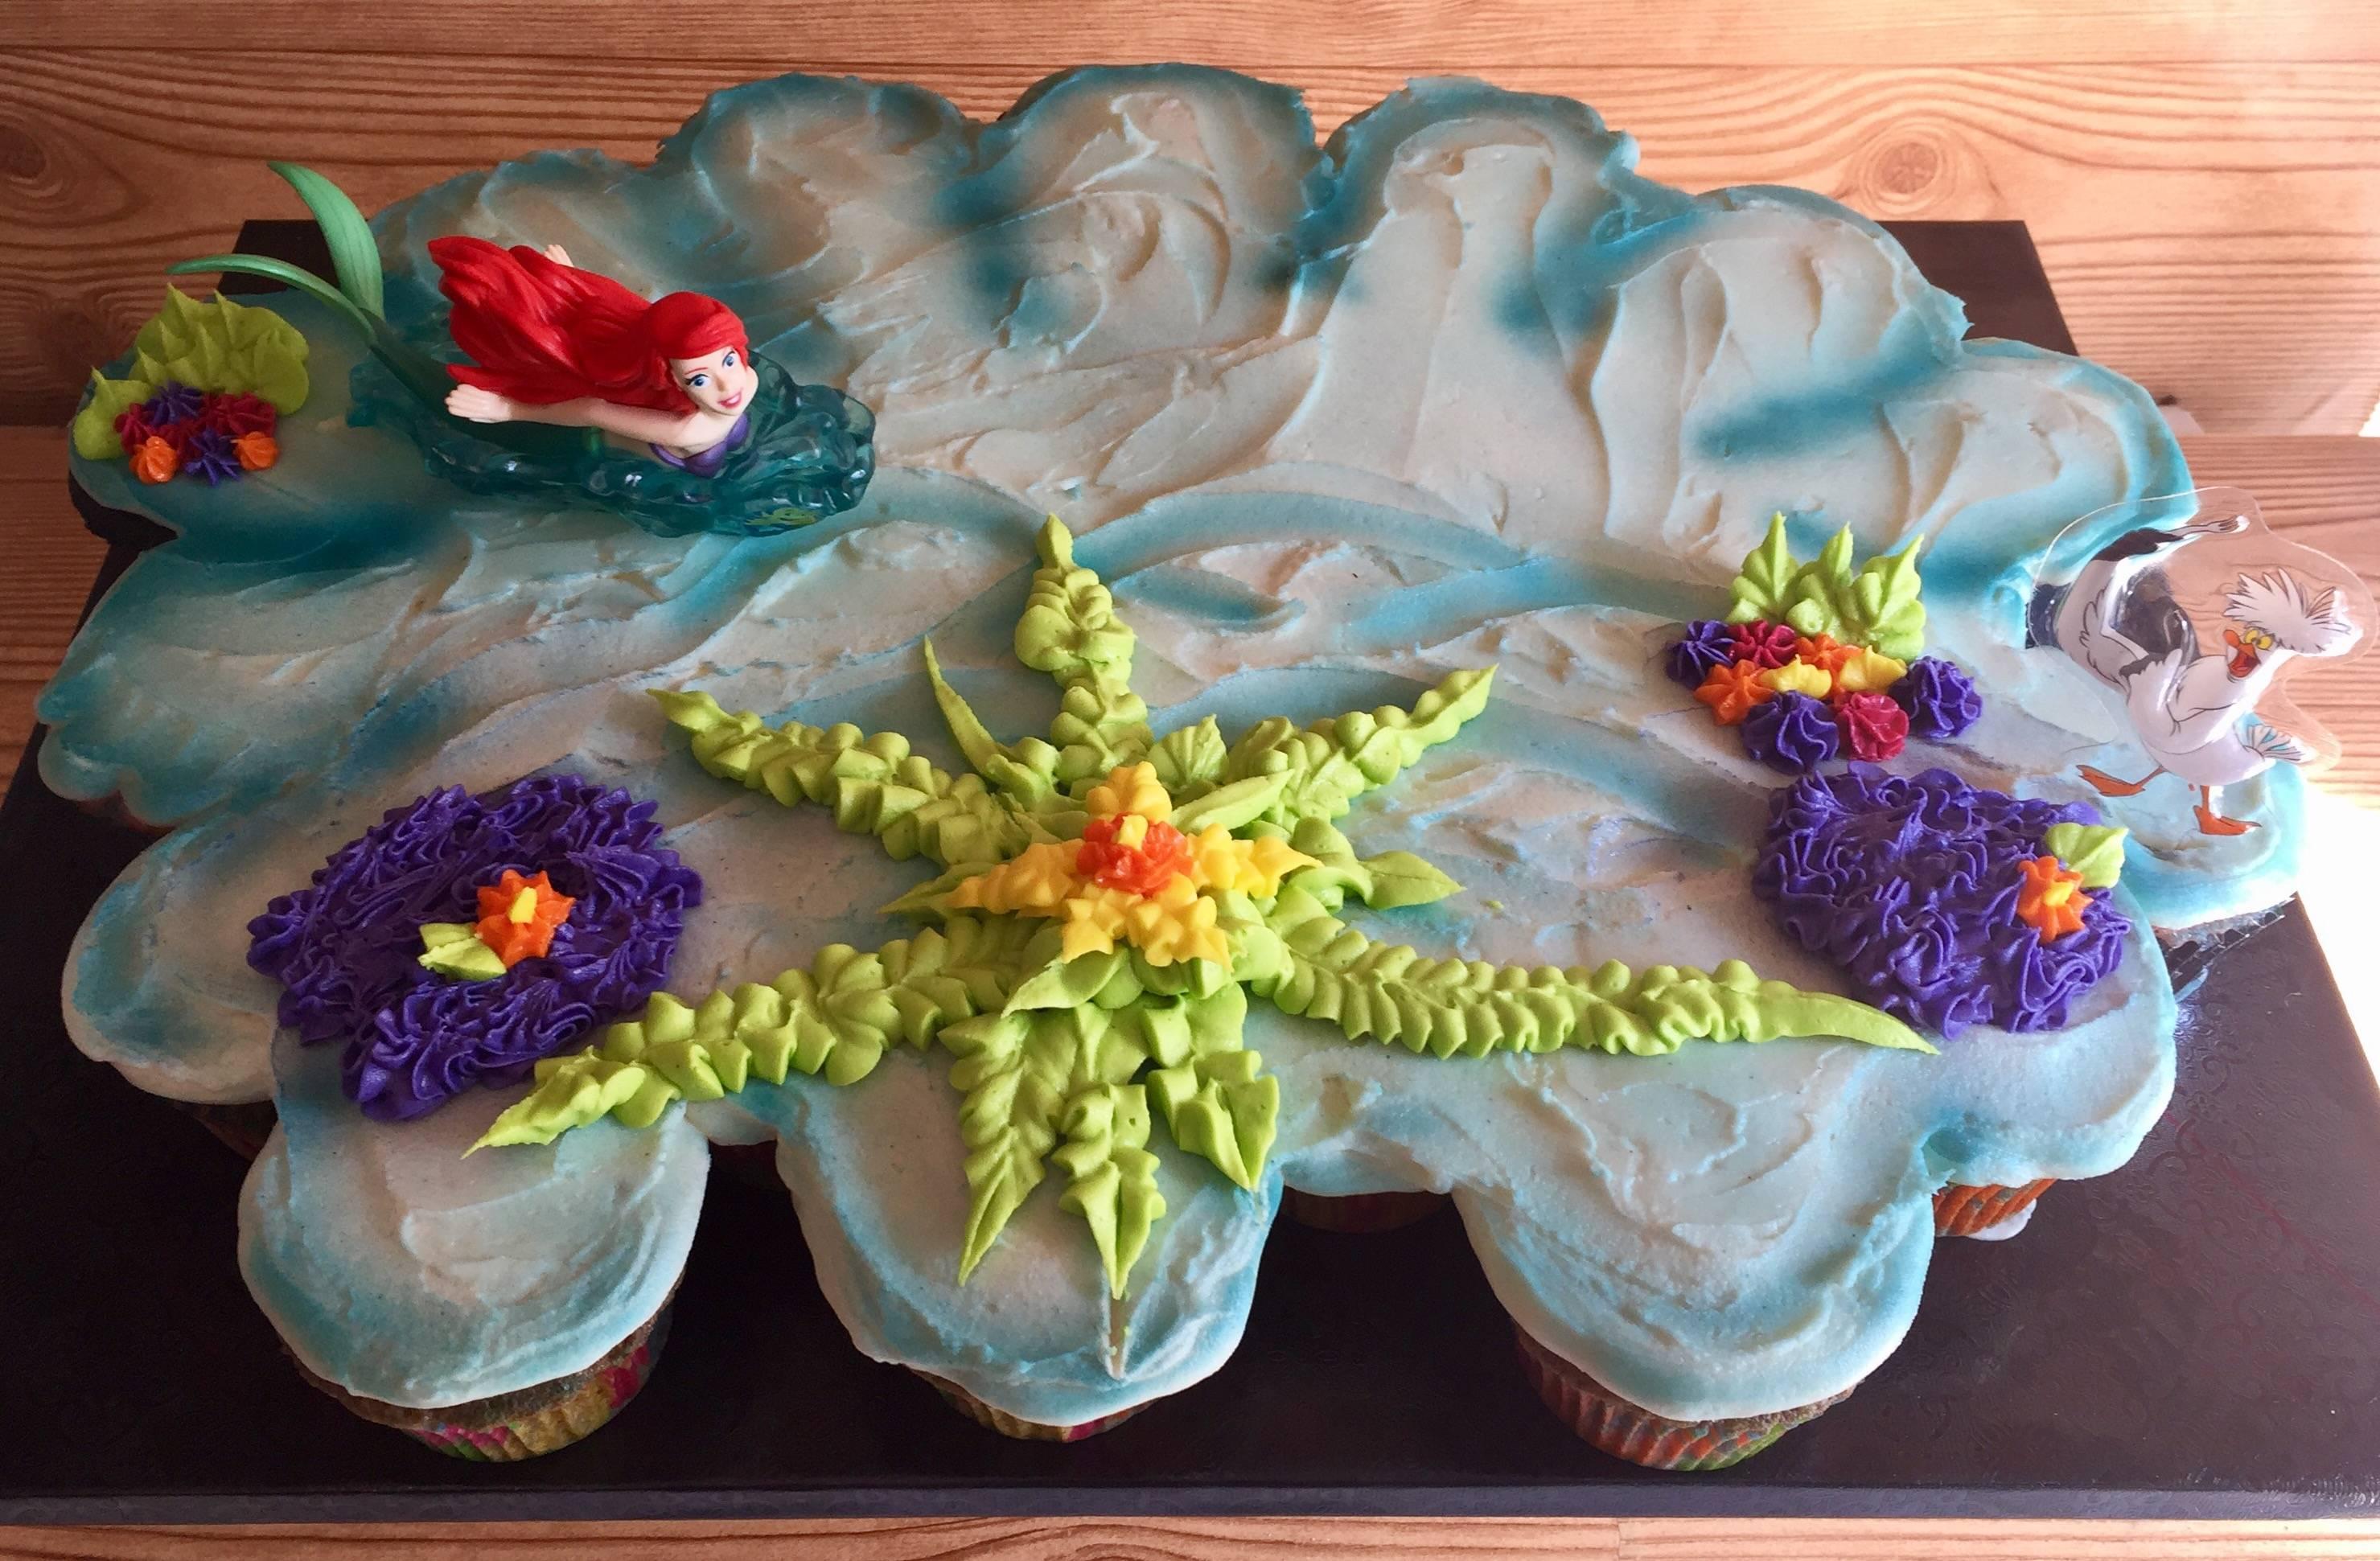 Little Mermaid pull apart cake